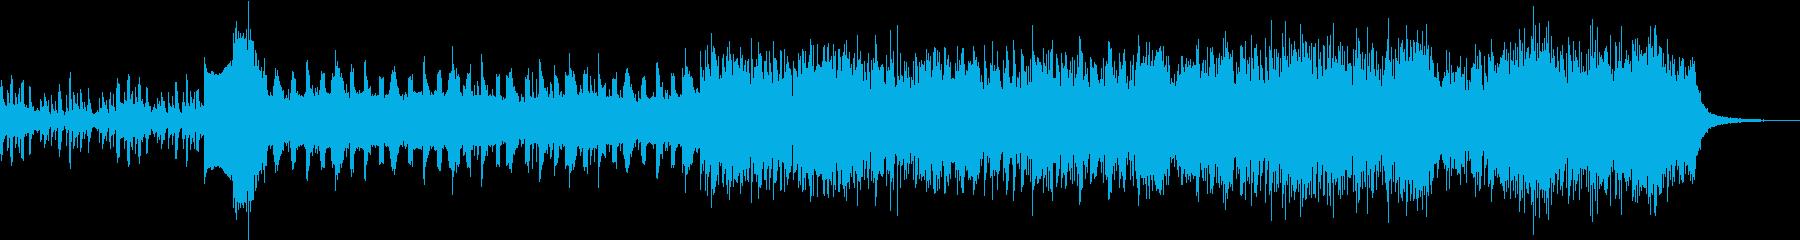 起伏の大きなテクノチューンの再生済みの波形